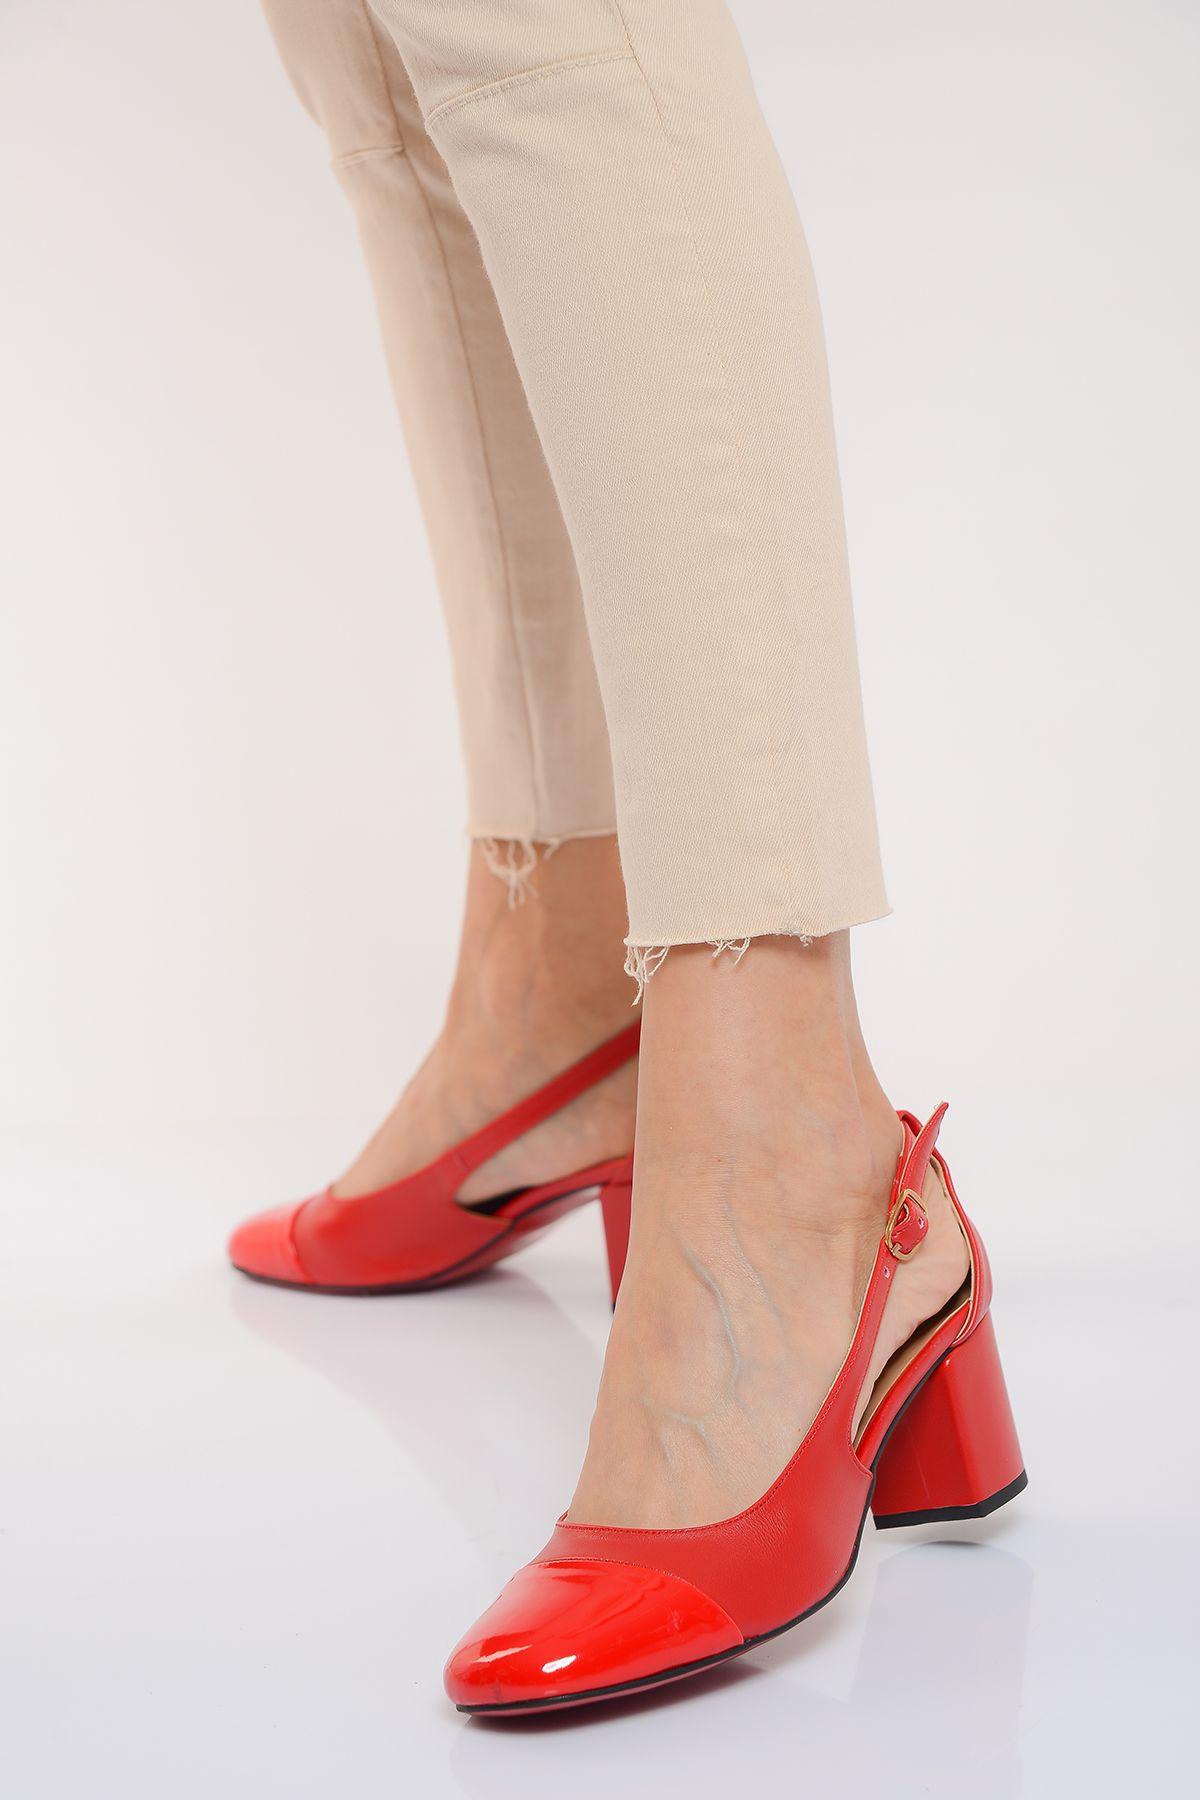 7f45d758e1805 Kadın Topuklu Ayakkabı Modelleri, Fiyatları, Aynı Gün Kargo - Shoes Time